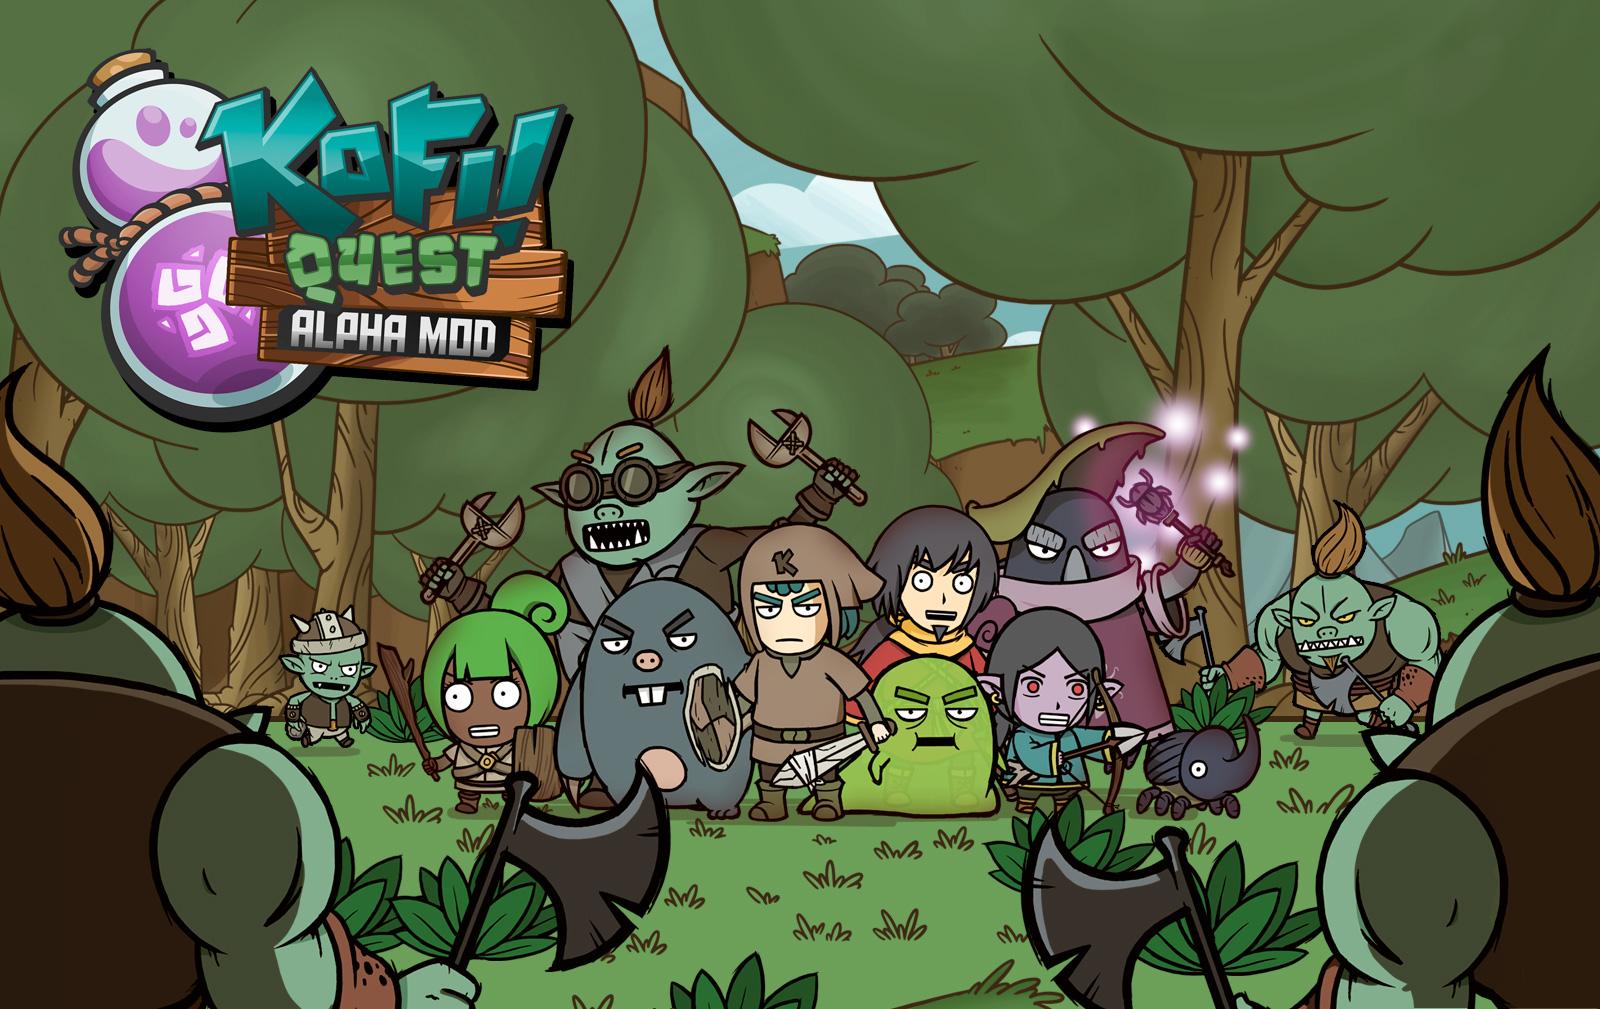 Loftur Studio, Kofi Quest: Alpha Mod, Kofi Quest, Kofi Quest, Kofi, tan grande y jugandpo, juegpos de españa, juego en español, indie game, juego indie, Tan grande y jugando, tgyj, kawa, kawa nutriales,